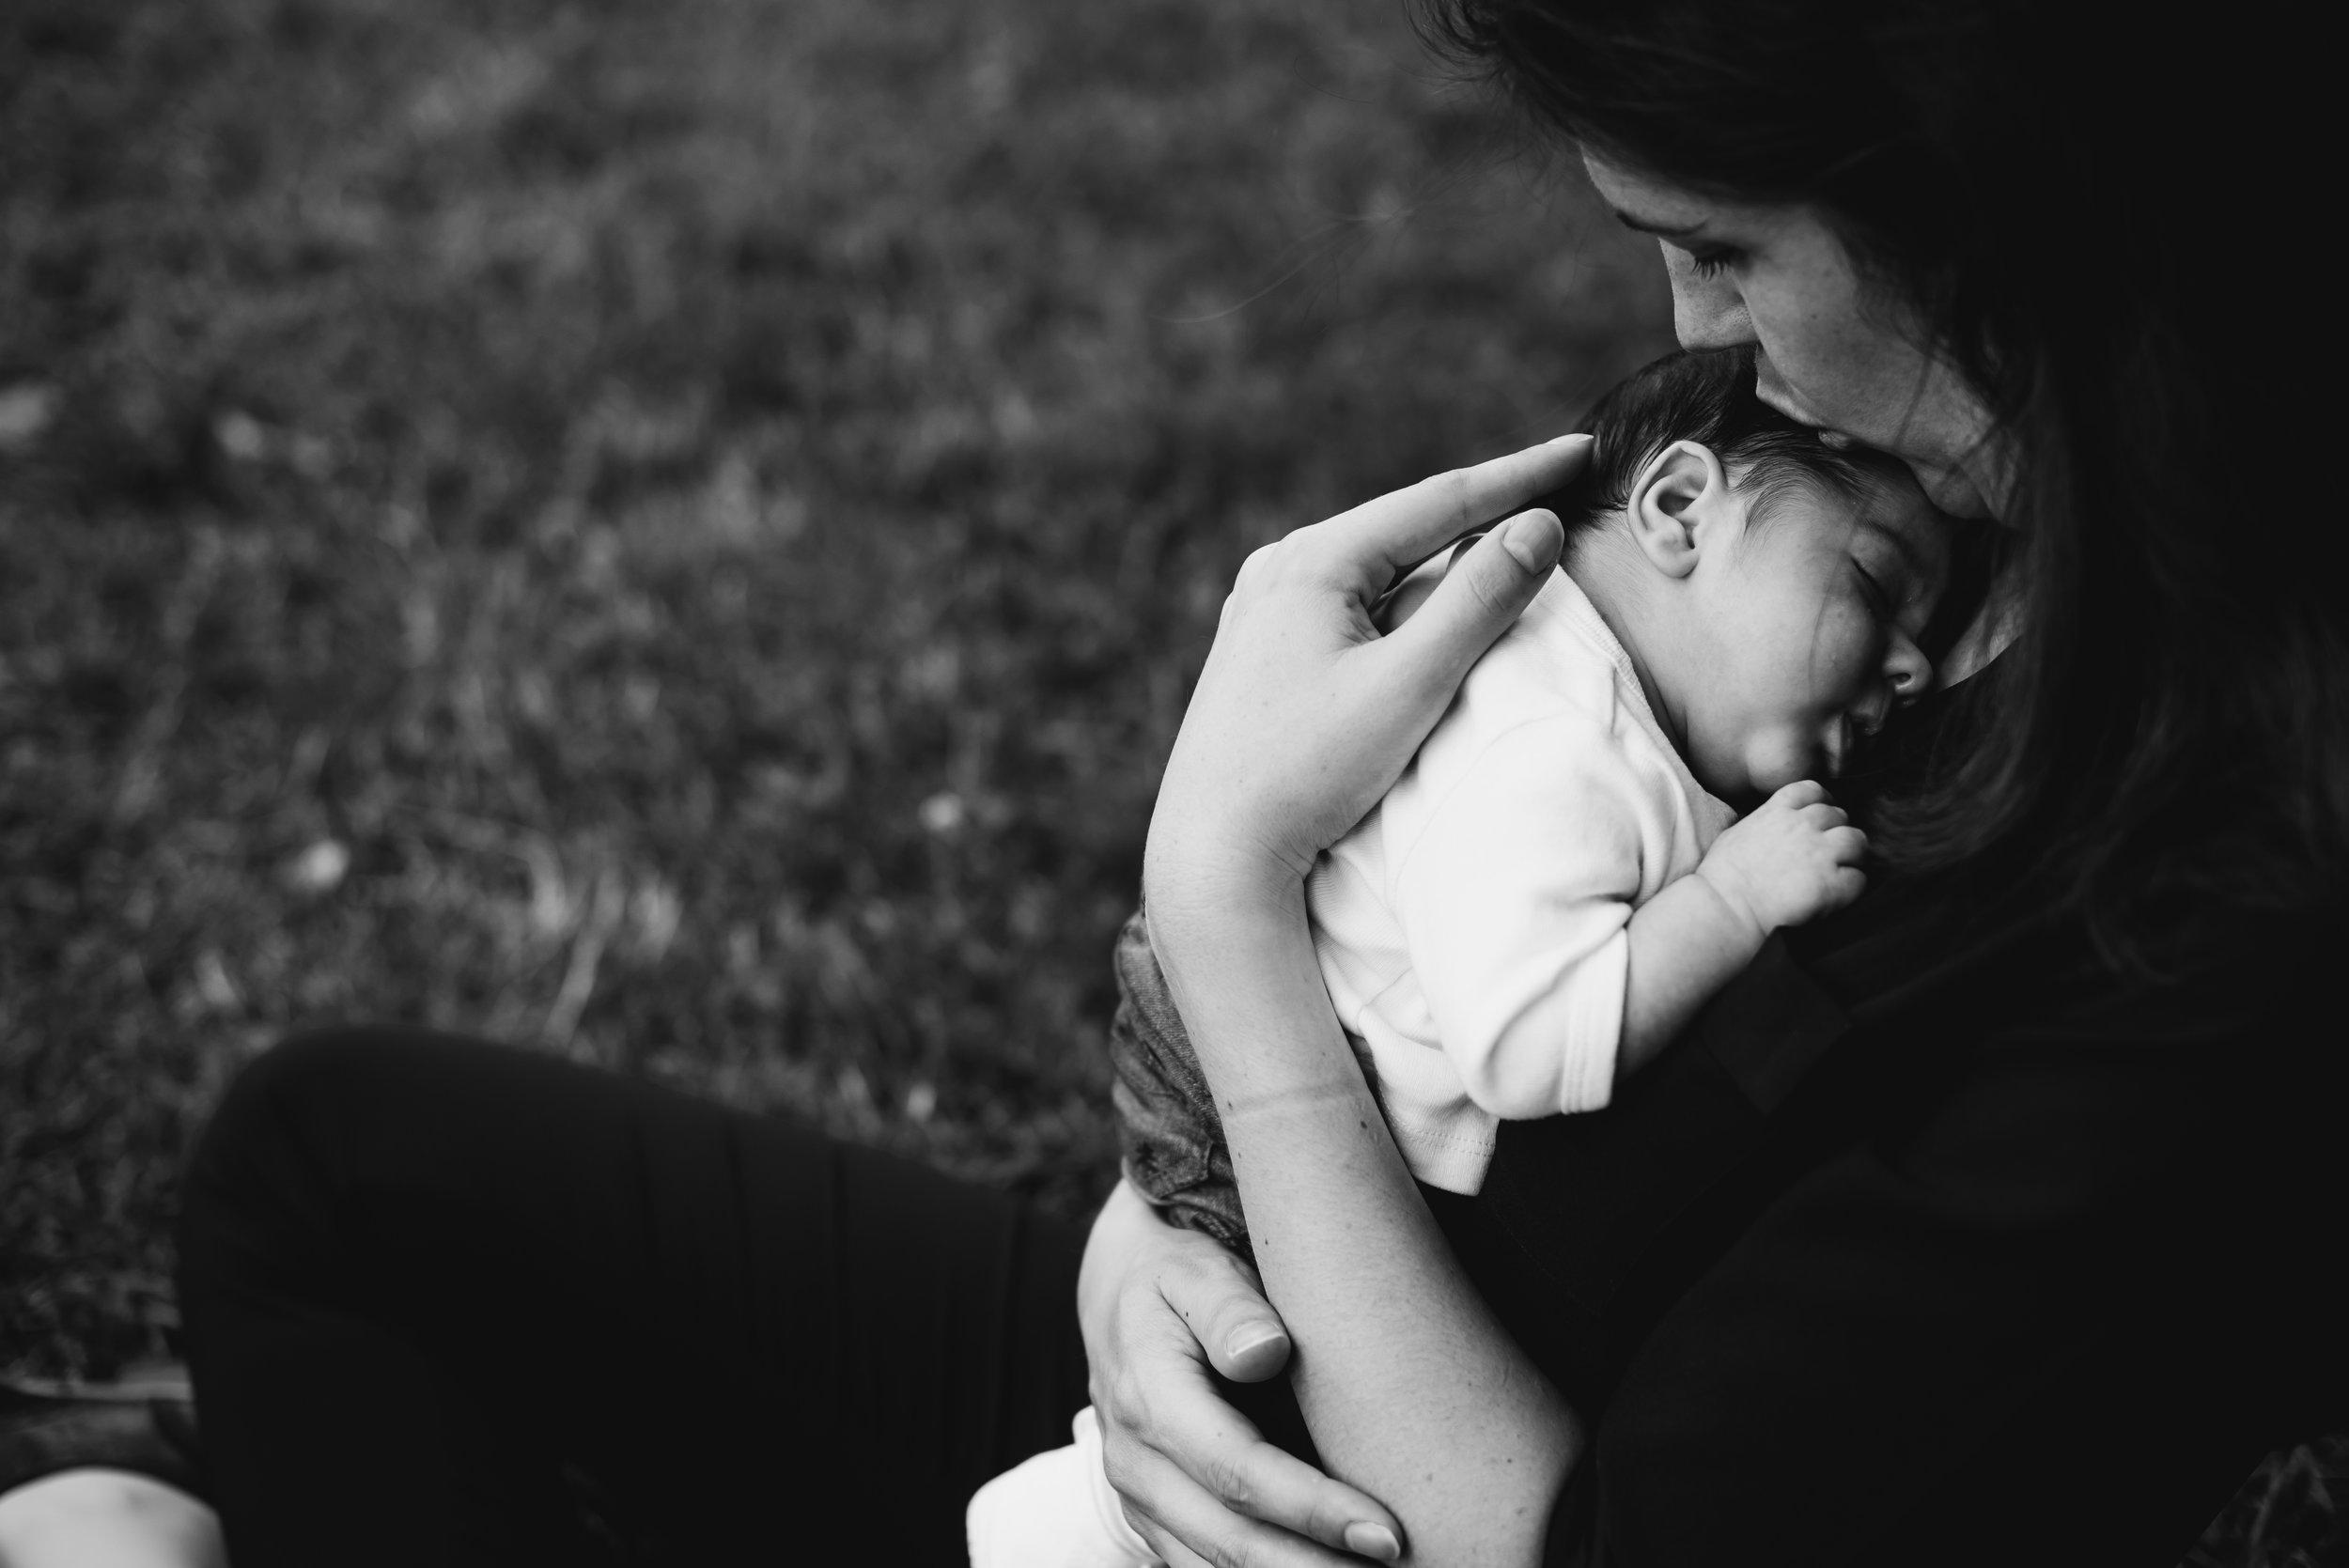 Léa-Fery-photographe-professionnel-lyon-rhone-alpes-portrait-creation-mariage-evenement-evenementiel-famille-8323.jpg